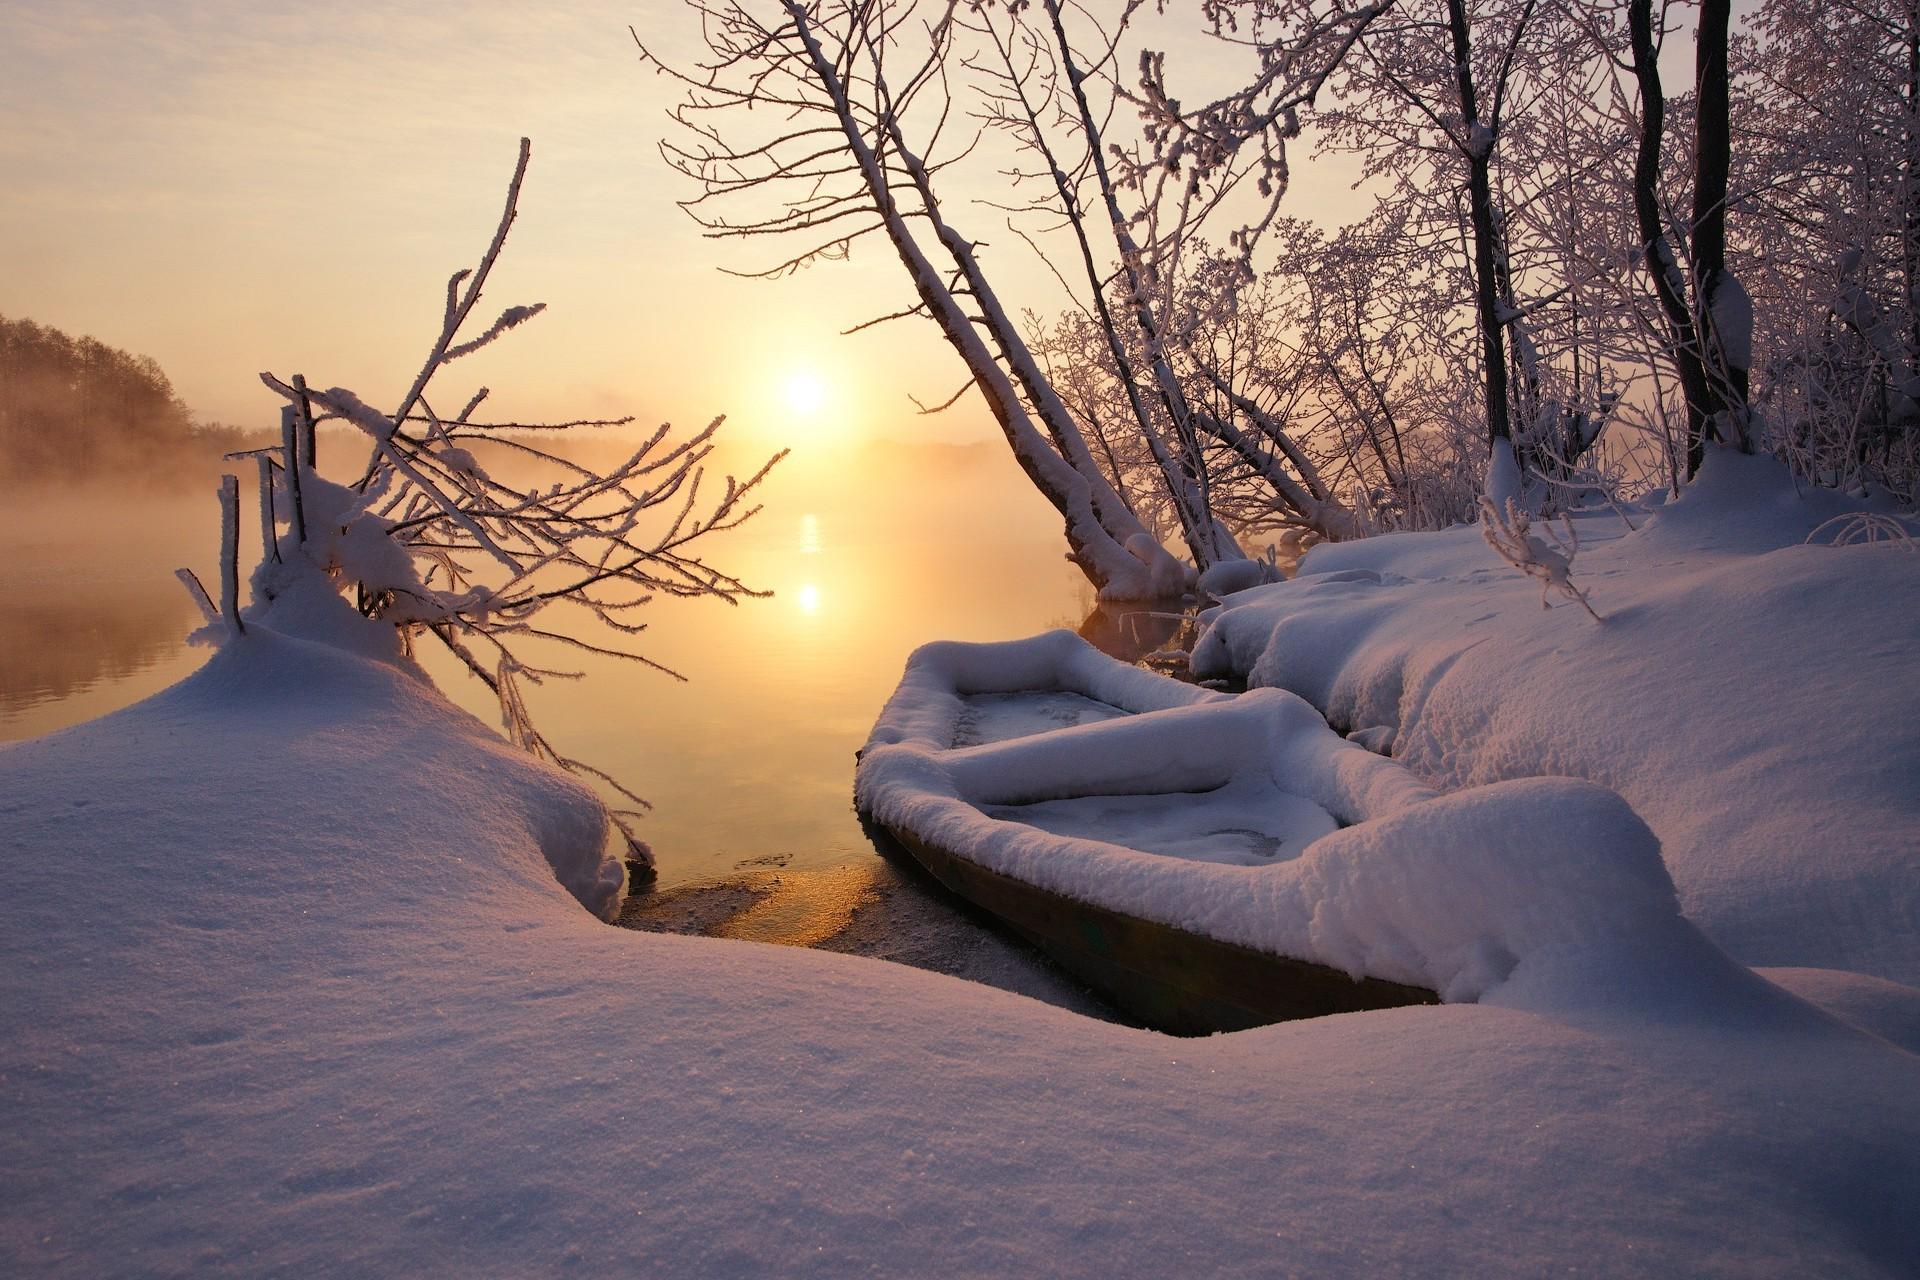 Картинки оптимистам в снежное февральское утро, надписью милый